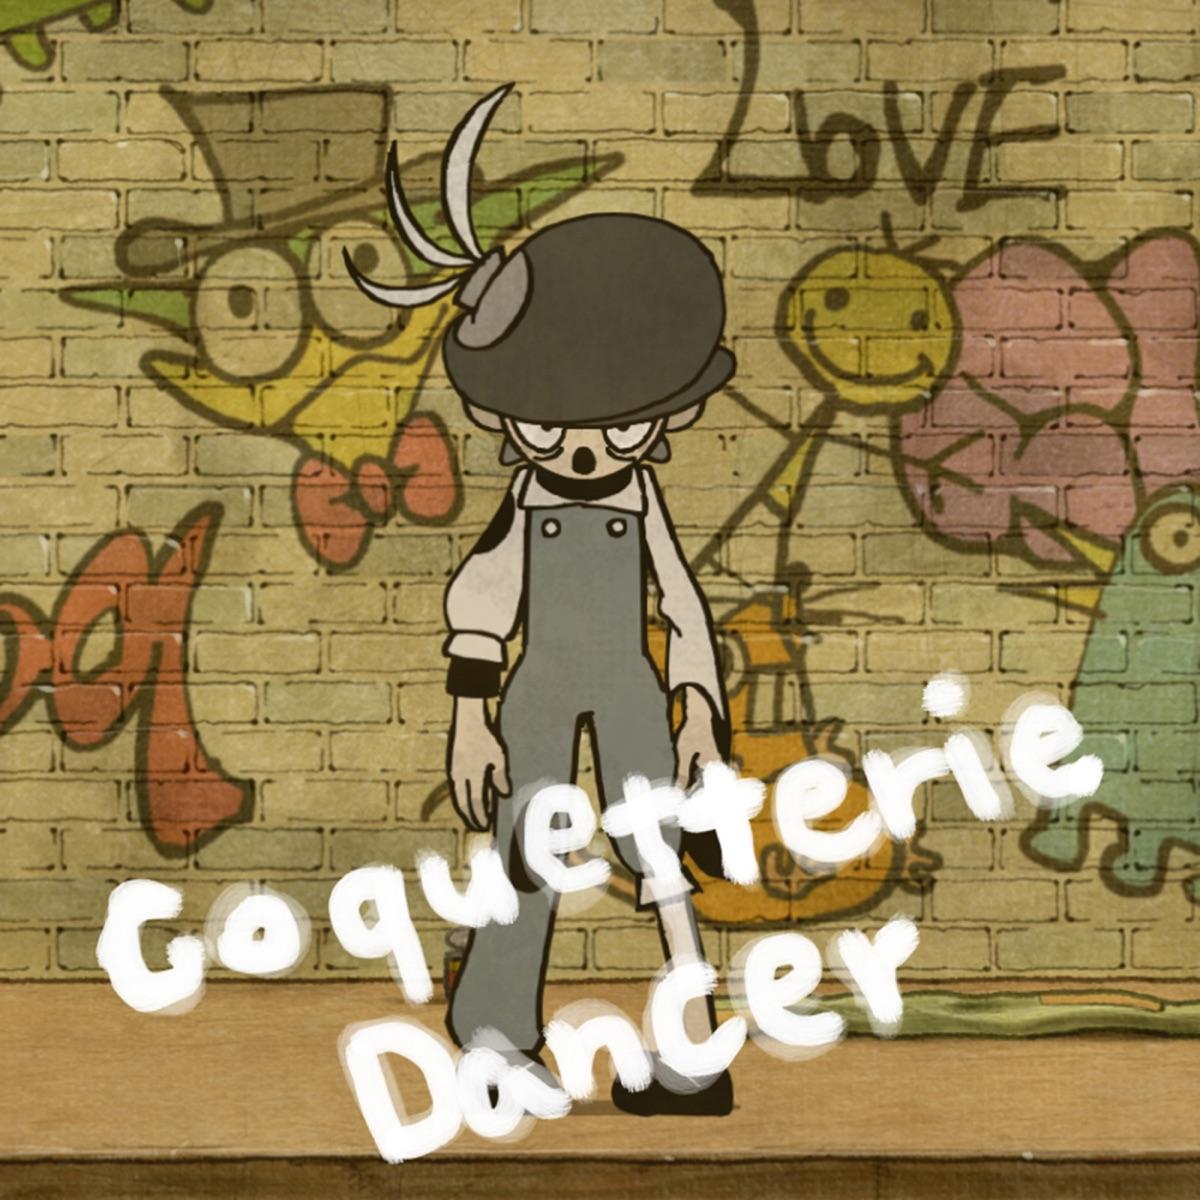 『宮下遊 - Coquetterie dancer 歌詞』収録の『Coquetterie dancer』ジャケット